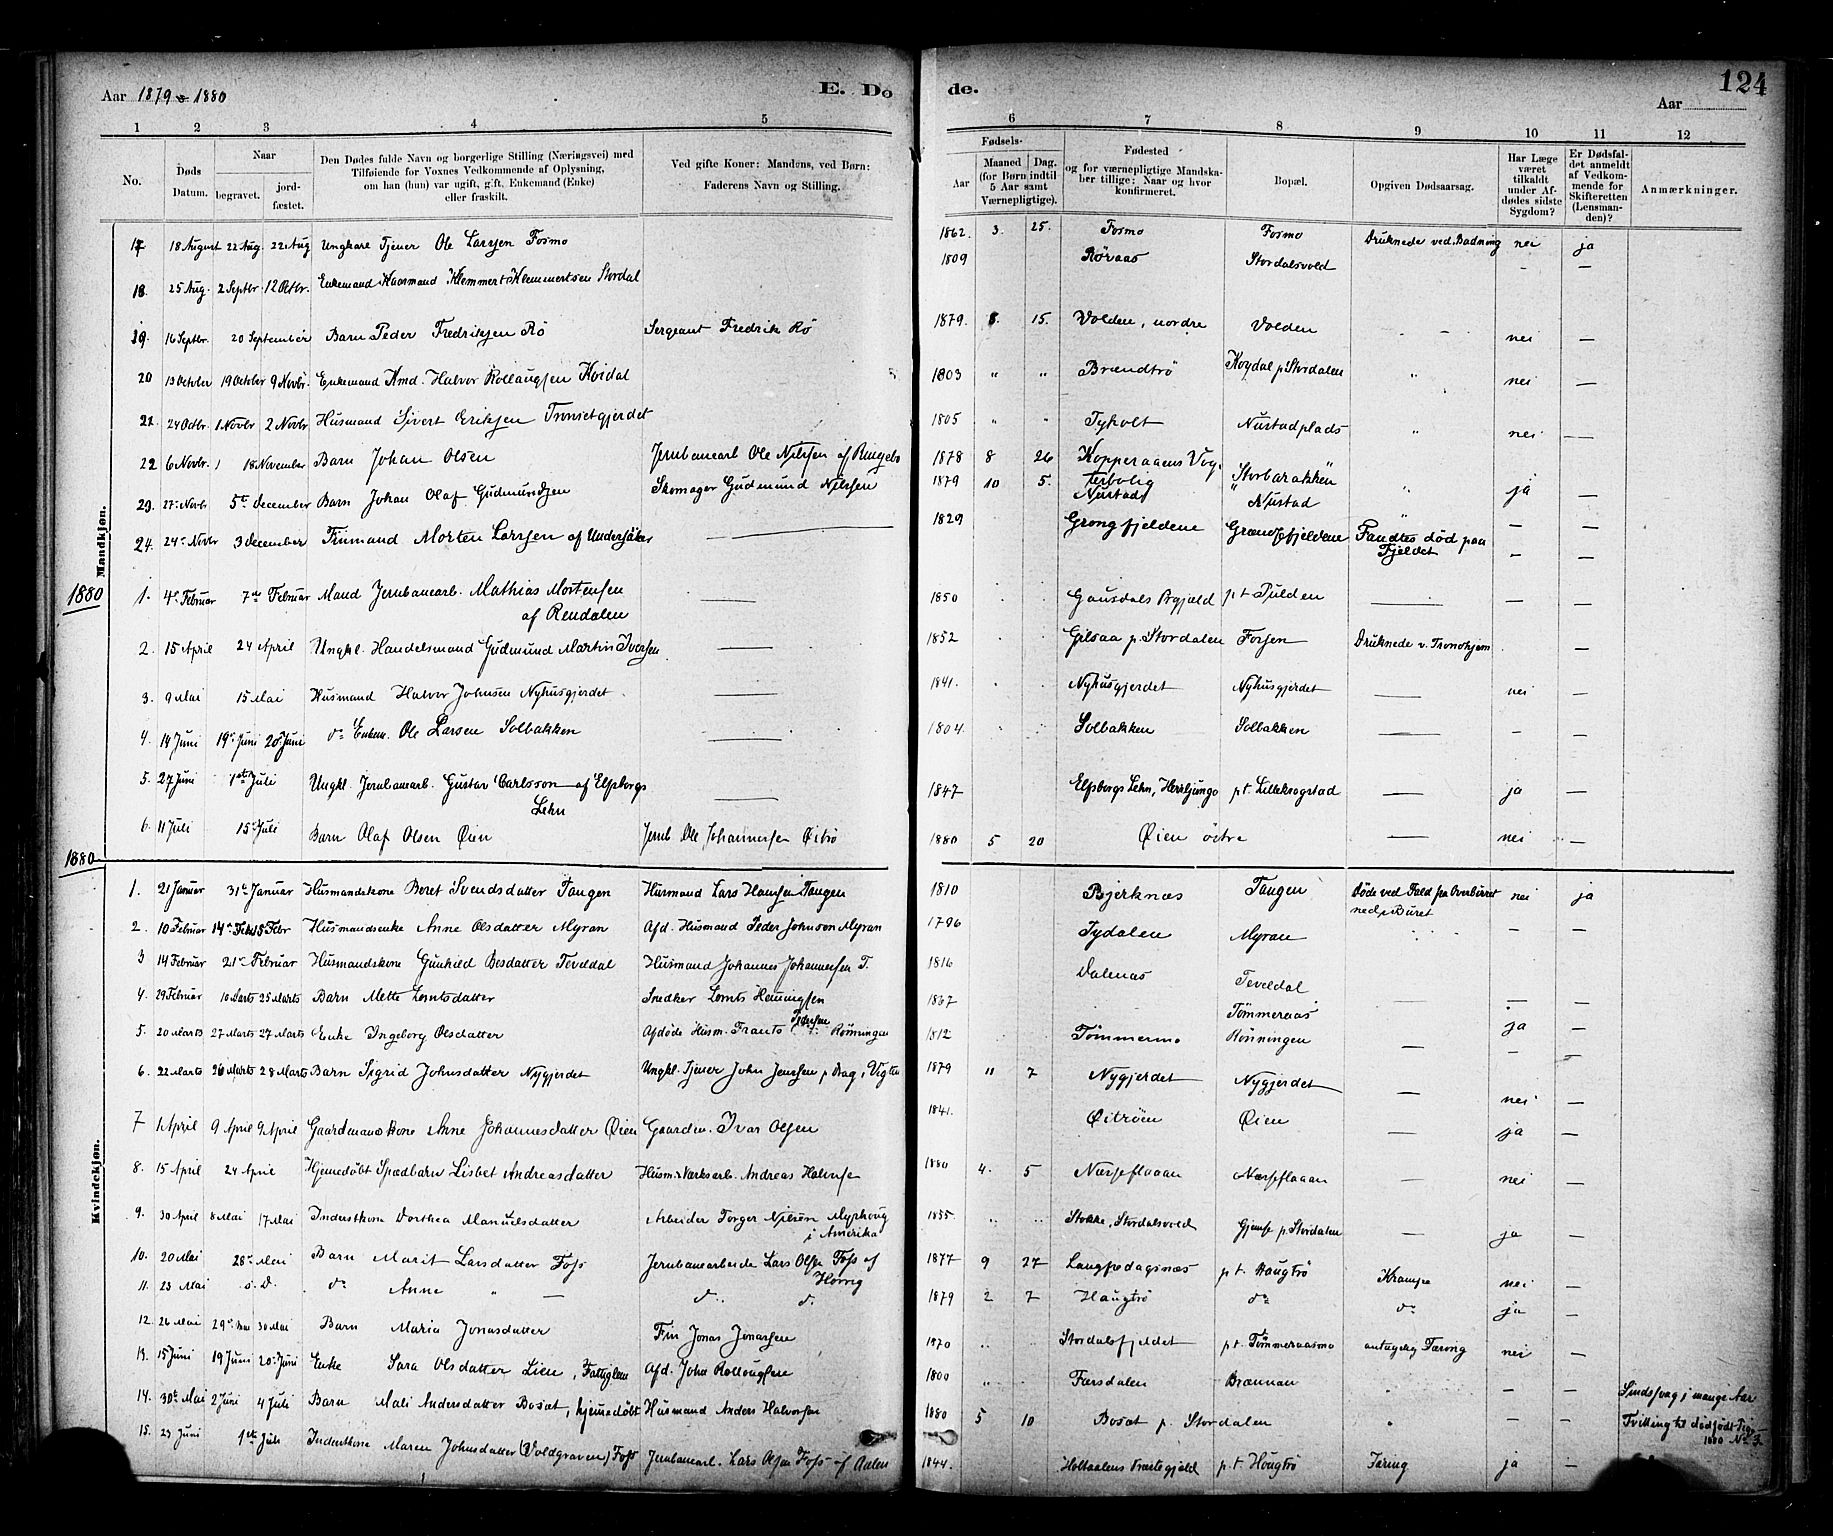 SAT, Ministerialprotokoller, klokkerbøker og fødselsregistre - Nord-Trøndelag, 706/L0047: Parish register (official) no. 706A03, 1878-1892, p. 124